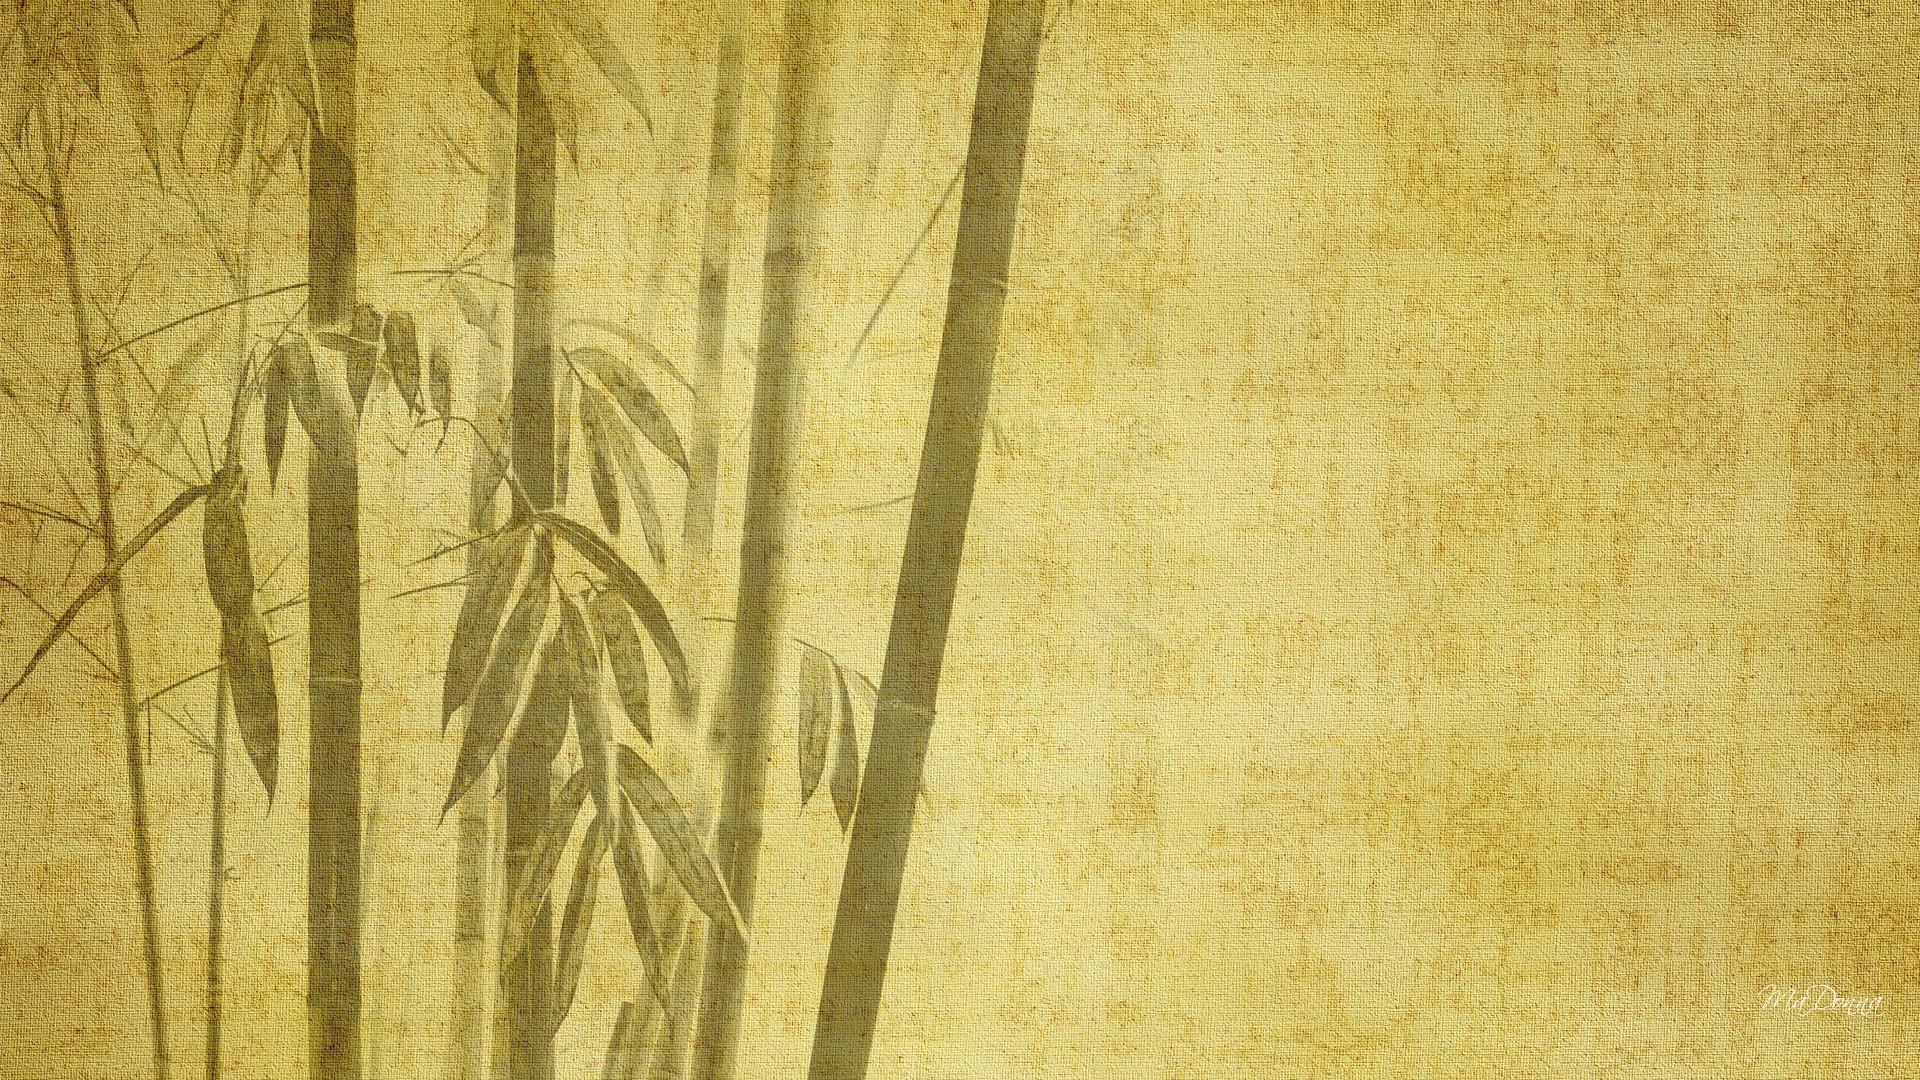 bamboo background nineteen photo - photo #37